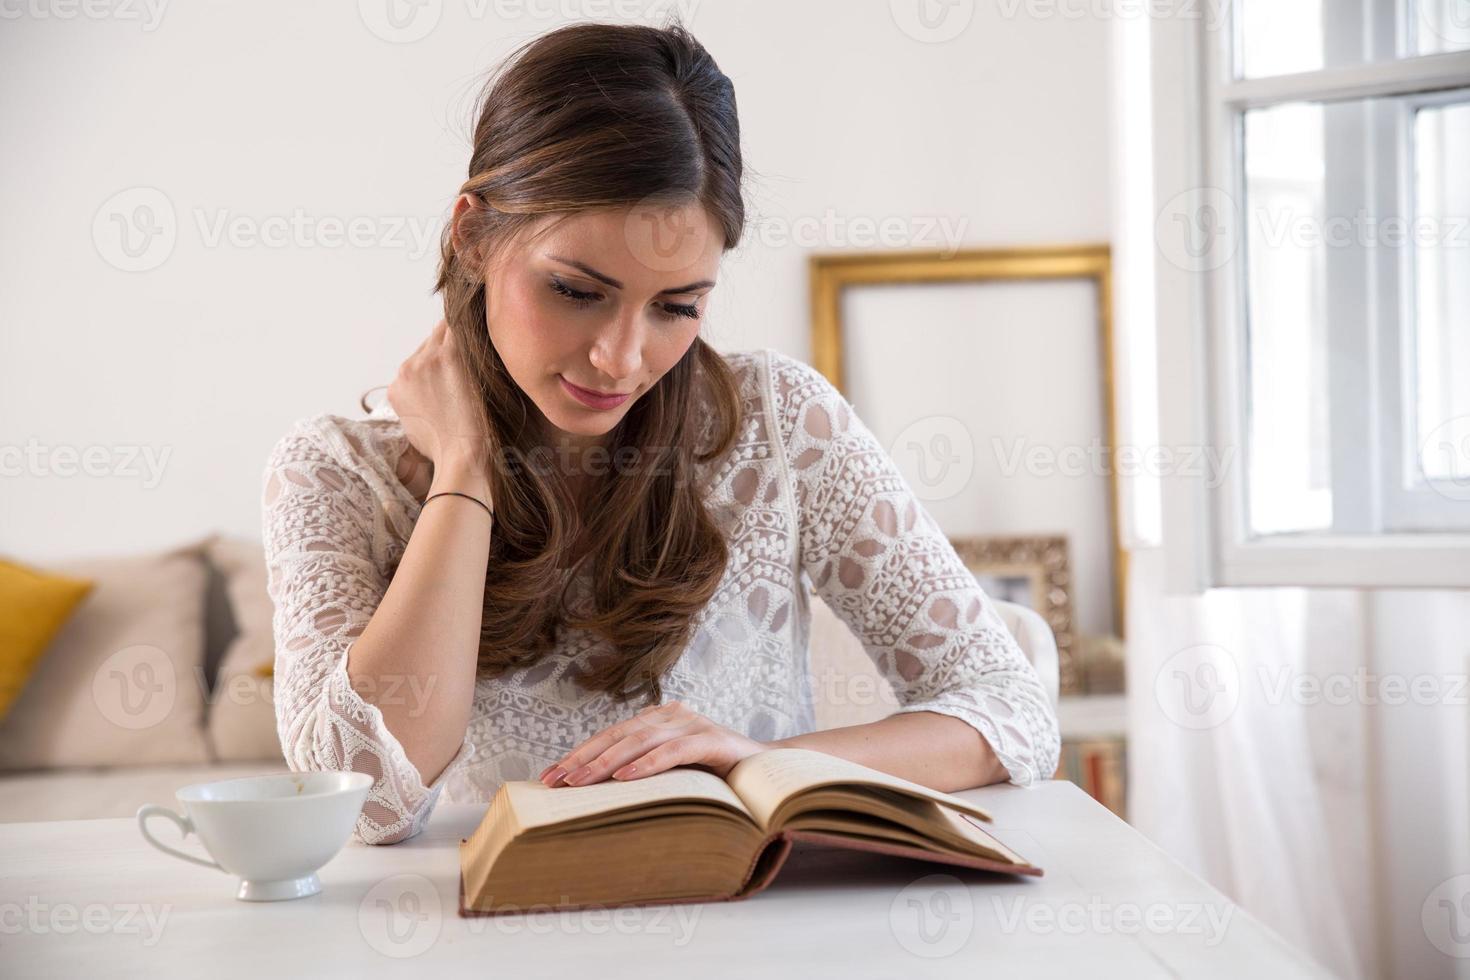 charmante vrouw zitten door houten tafel en leesboek foto